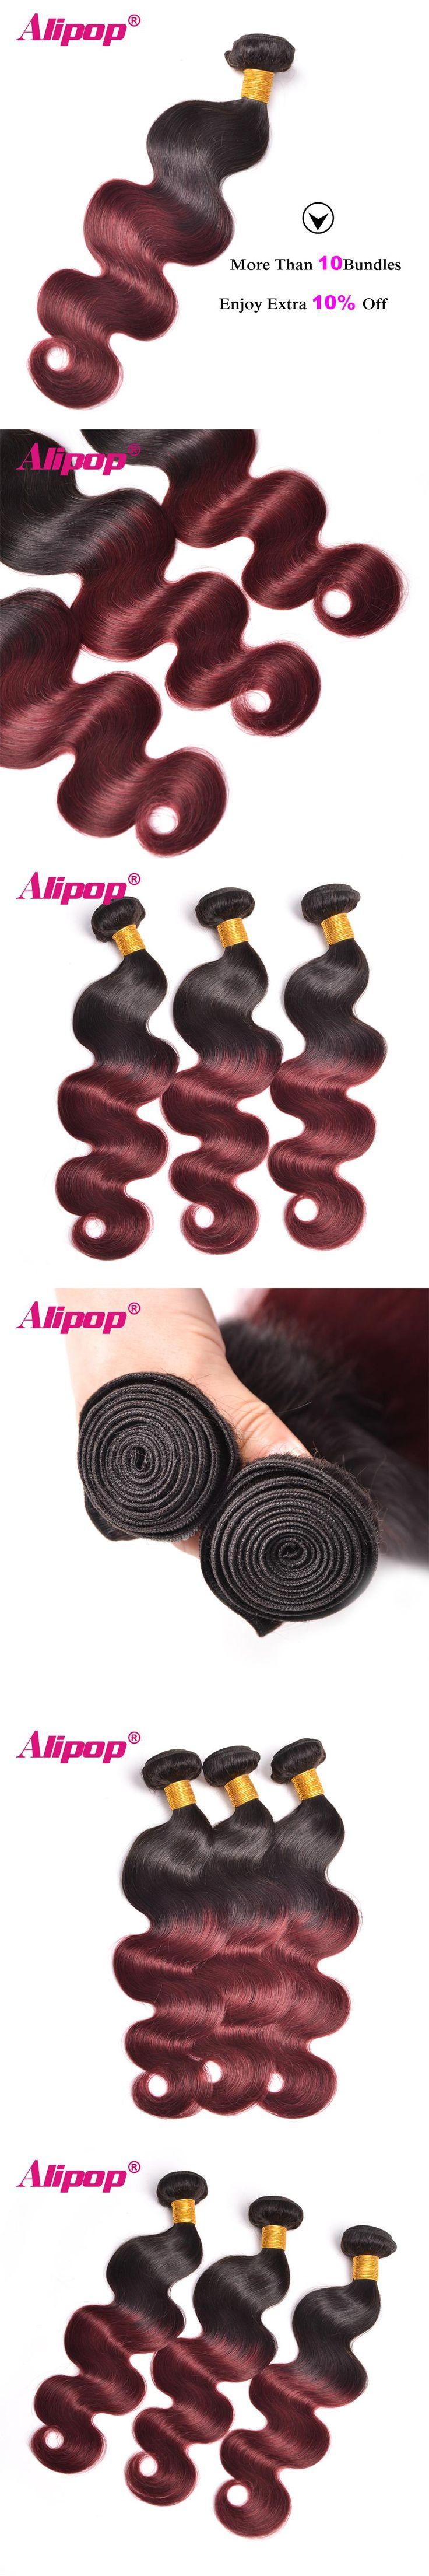 ALIPOP Ombre Brazilian Body Wave Hair Weave Bundles 1B/99J Burgundy Two Tone Human Hair Bundles Non Remy Hair Extensions